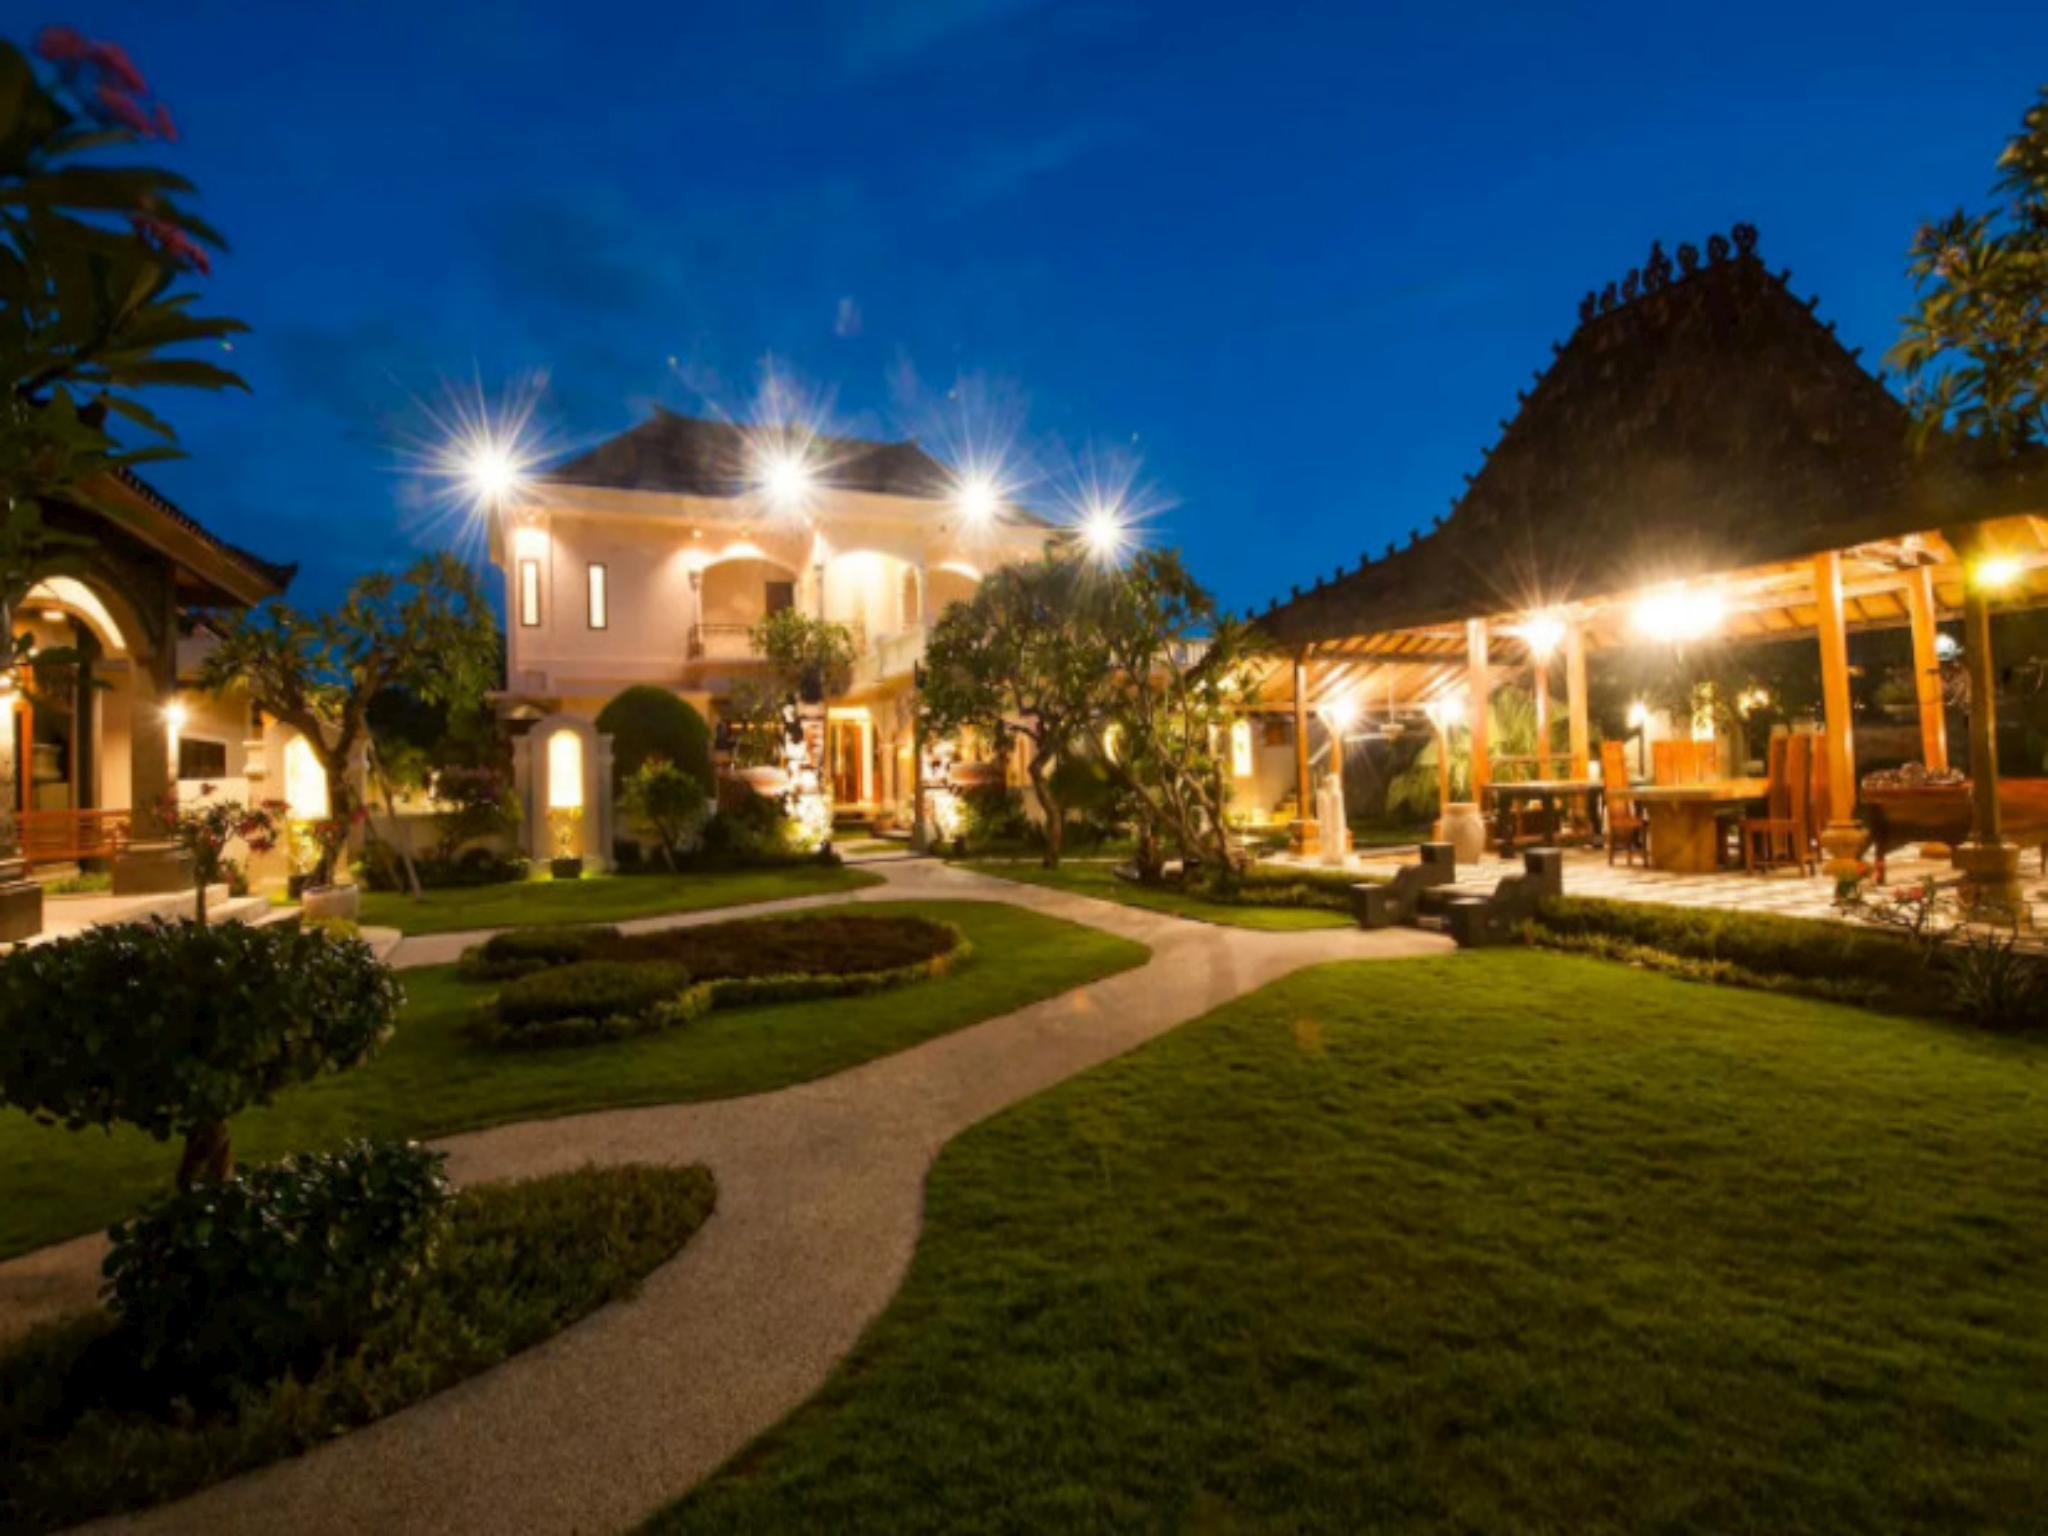 Jepun Bali Villa 3 by Sila Dharma